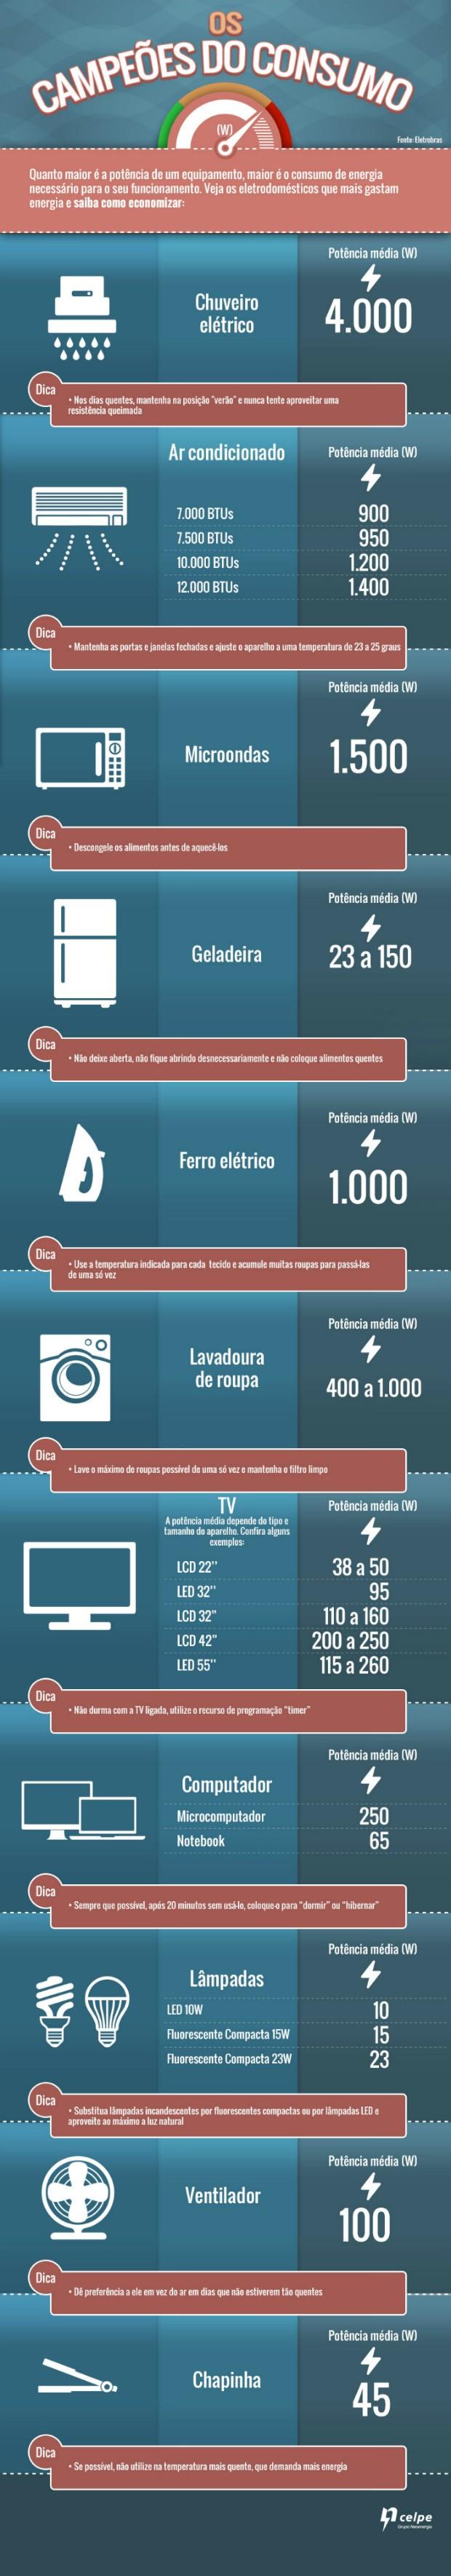 celpe_Infográfico 2 - Ajustado final_ (Foto: Divulgação/Celpe)